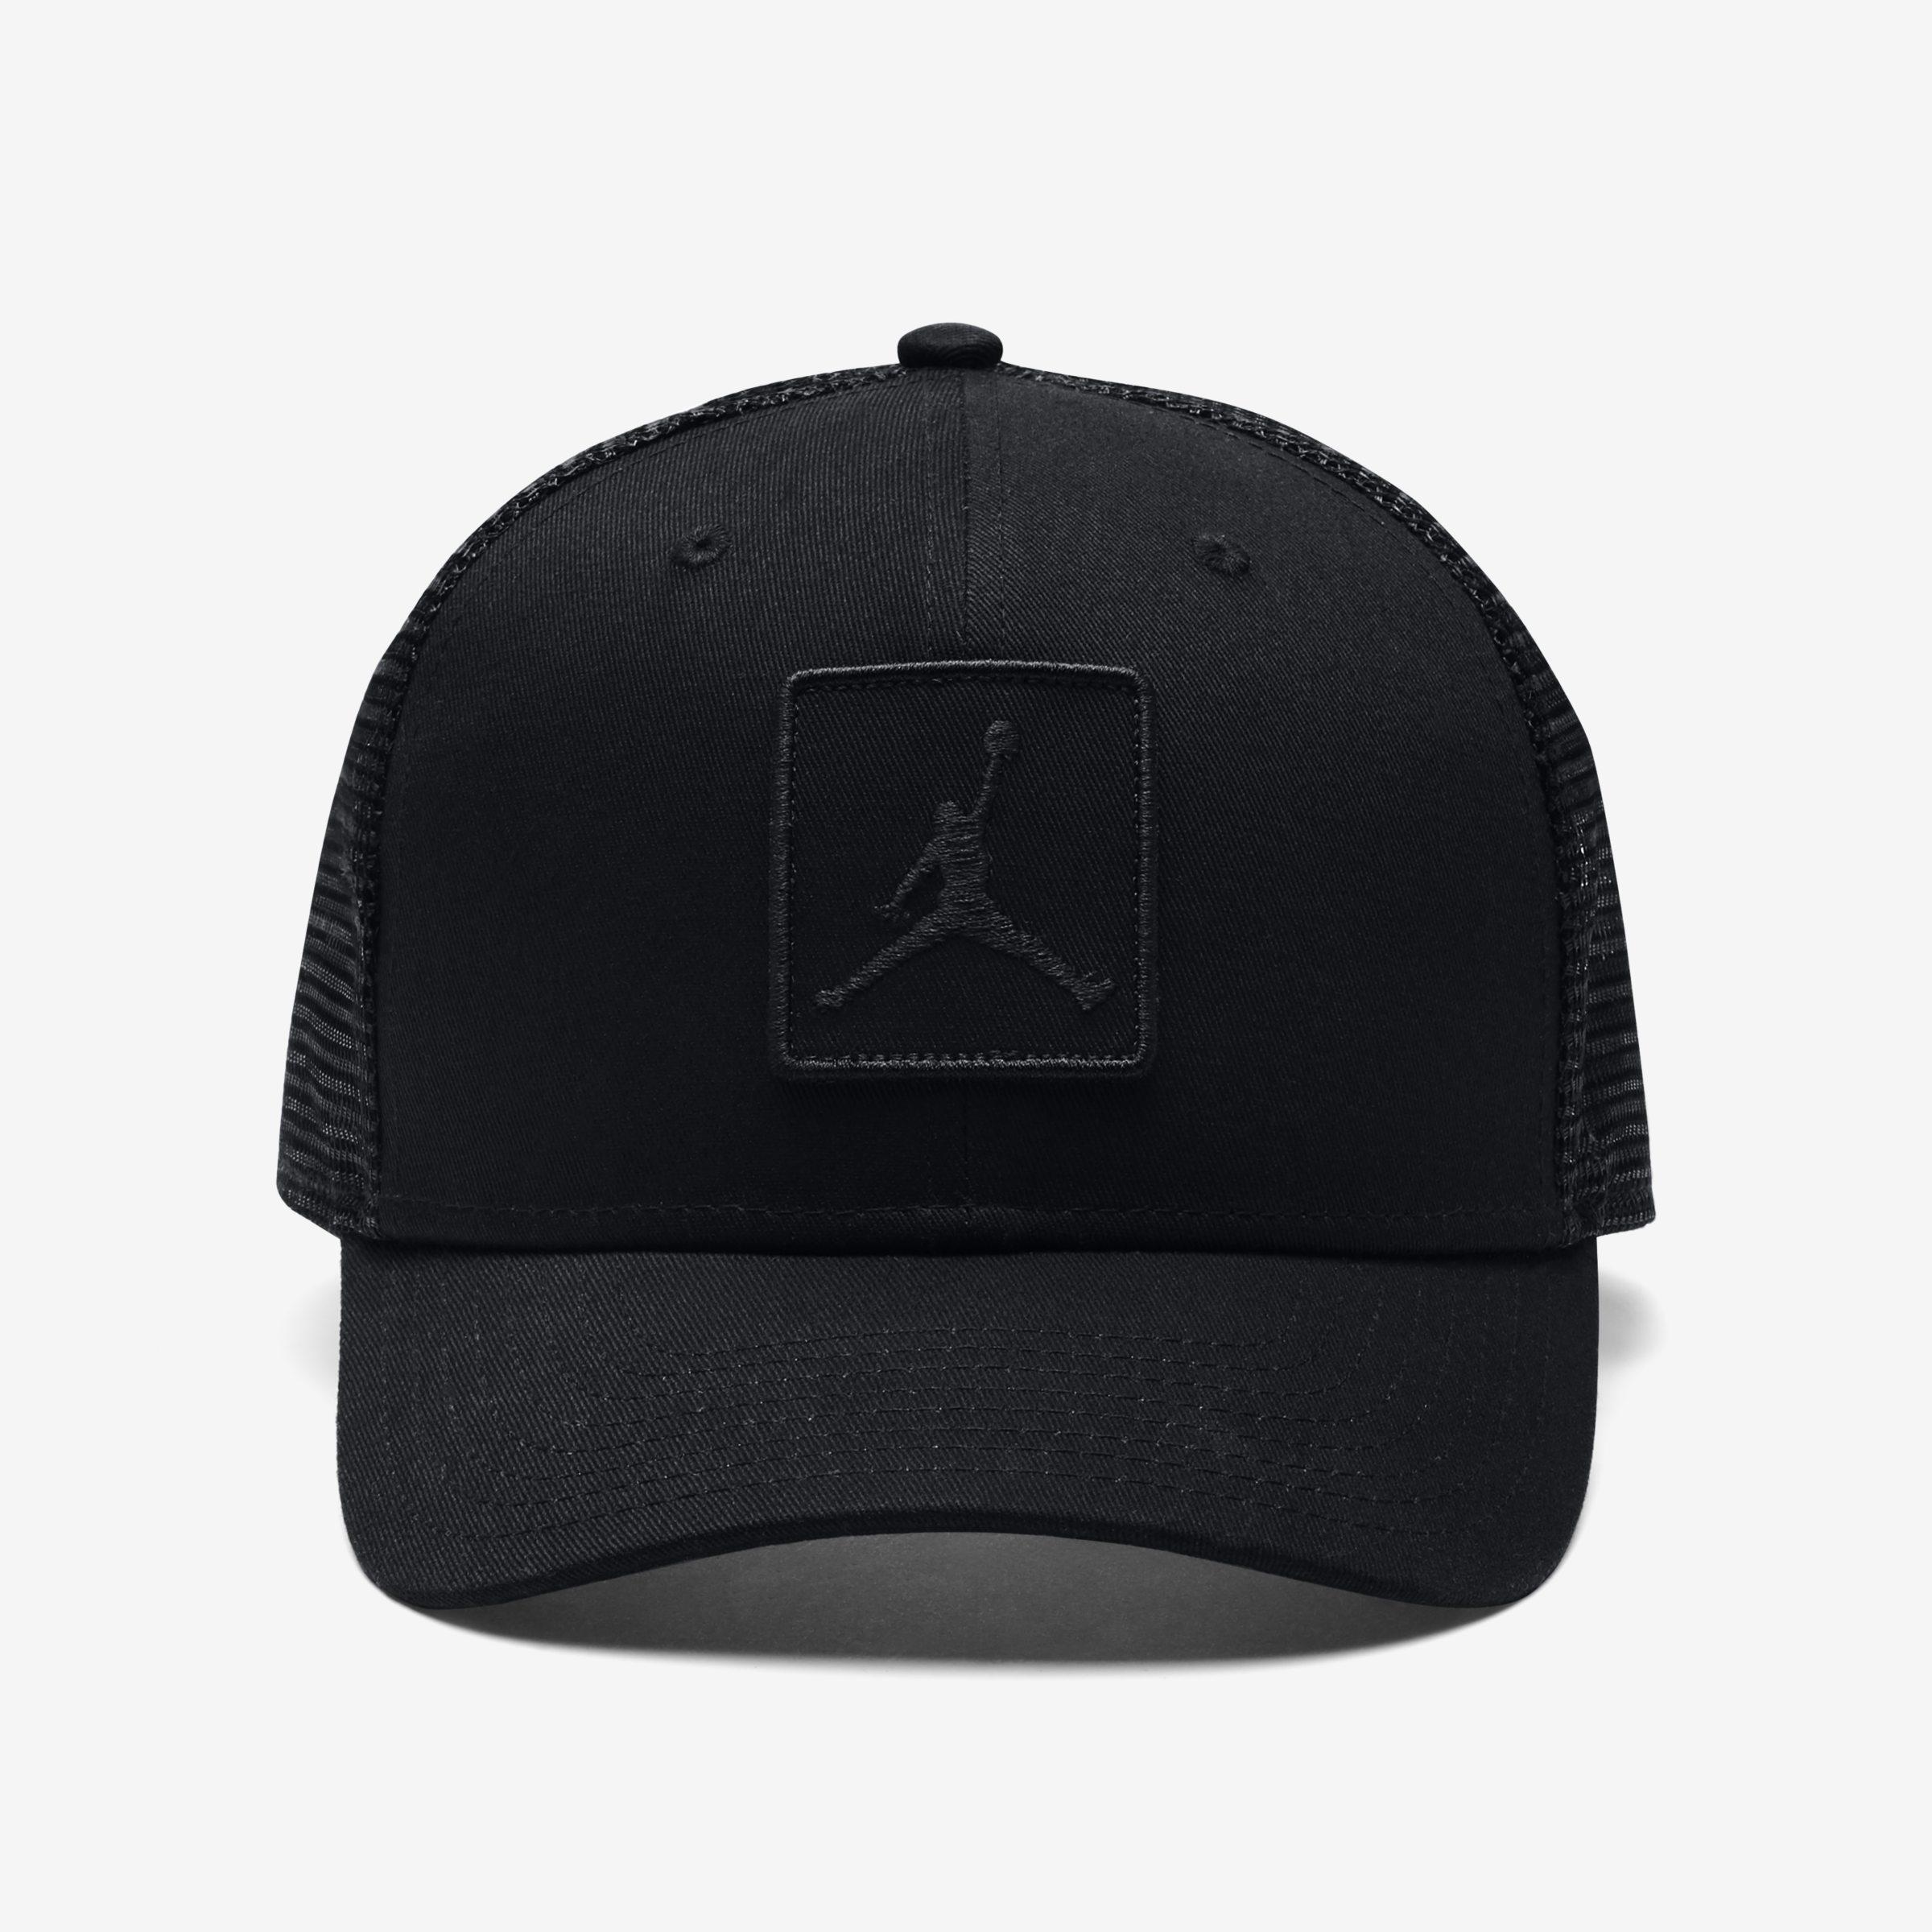 525d2f546db5e ... cheapest nike. mens black jordan jumpman classic99 trucker adjustable  hat c822f 43a60